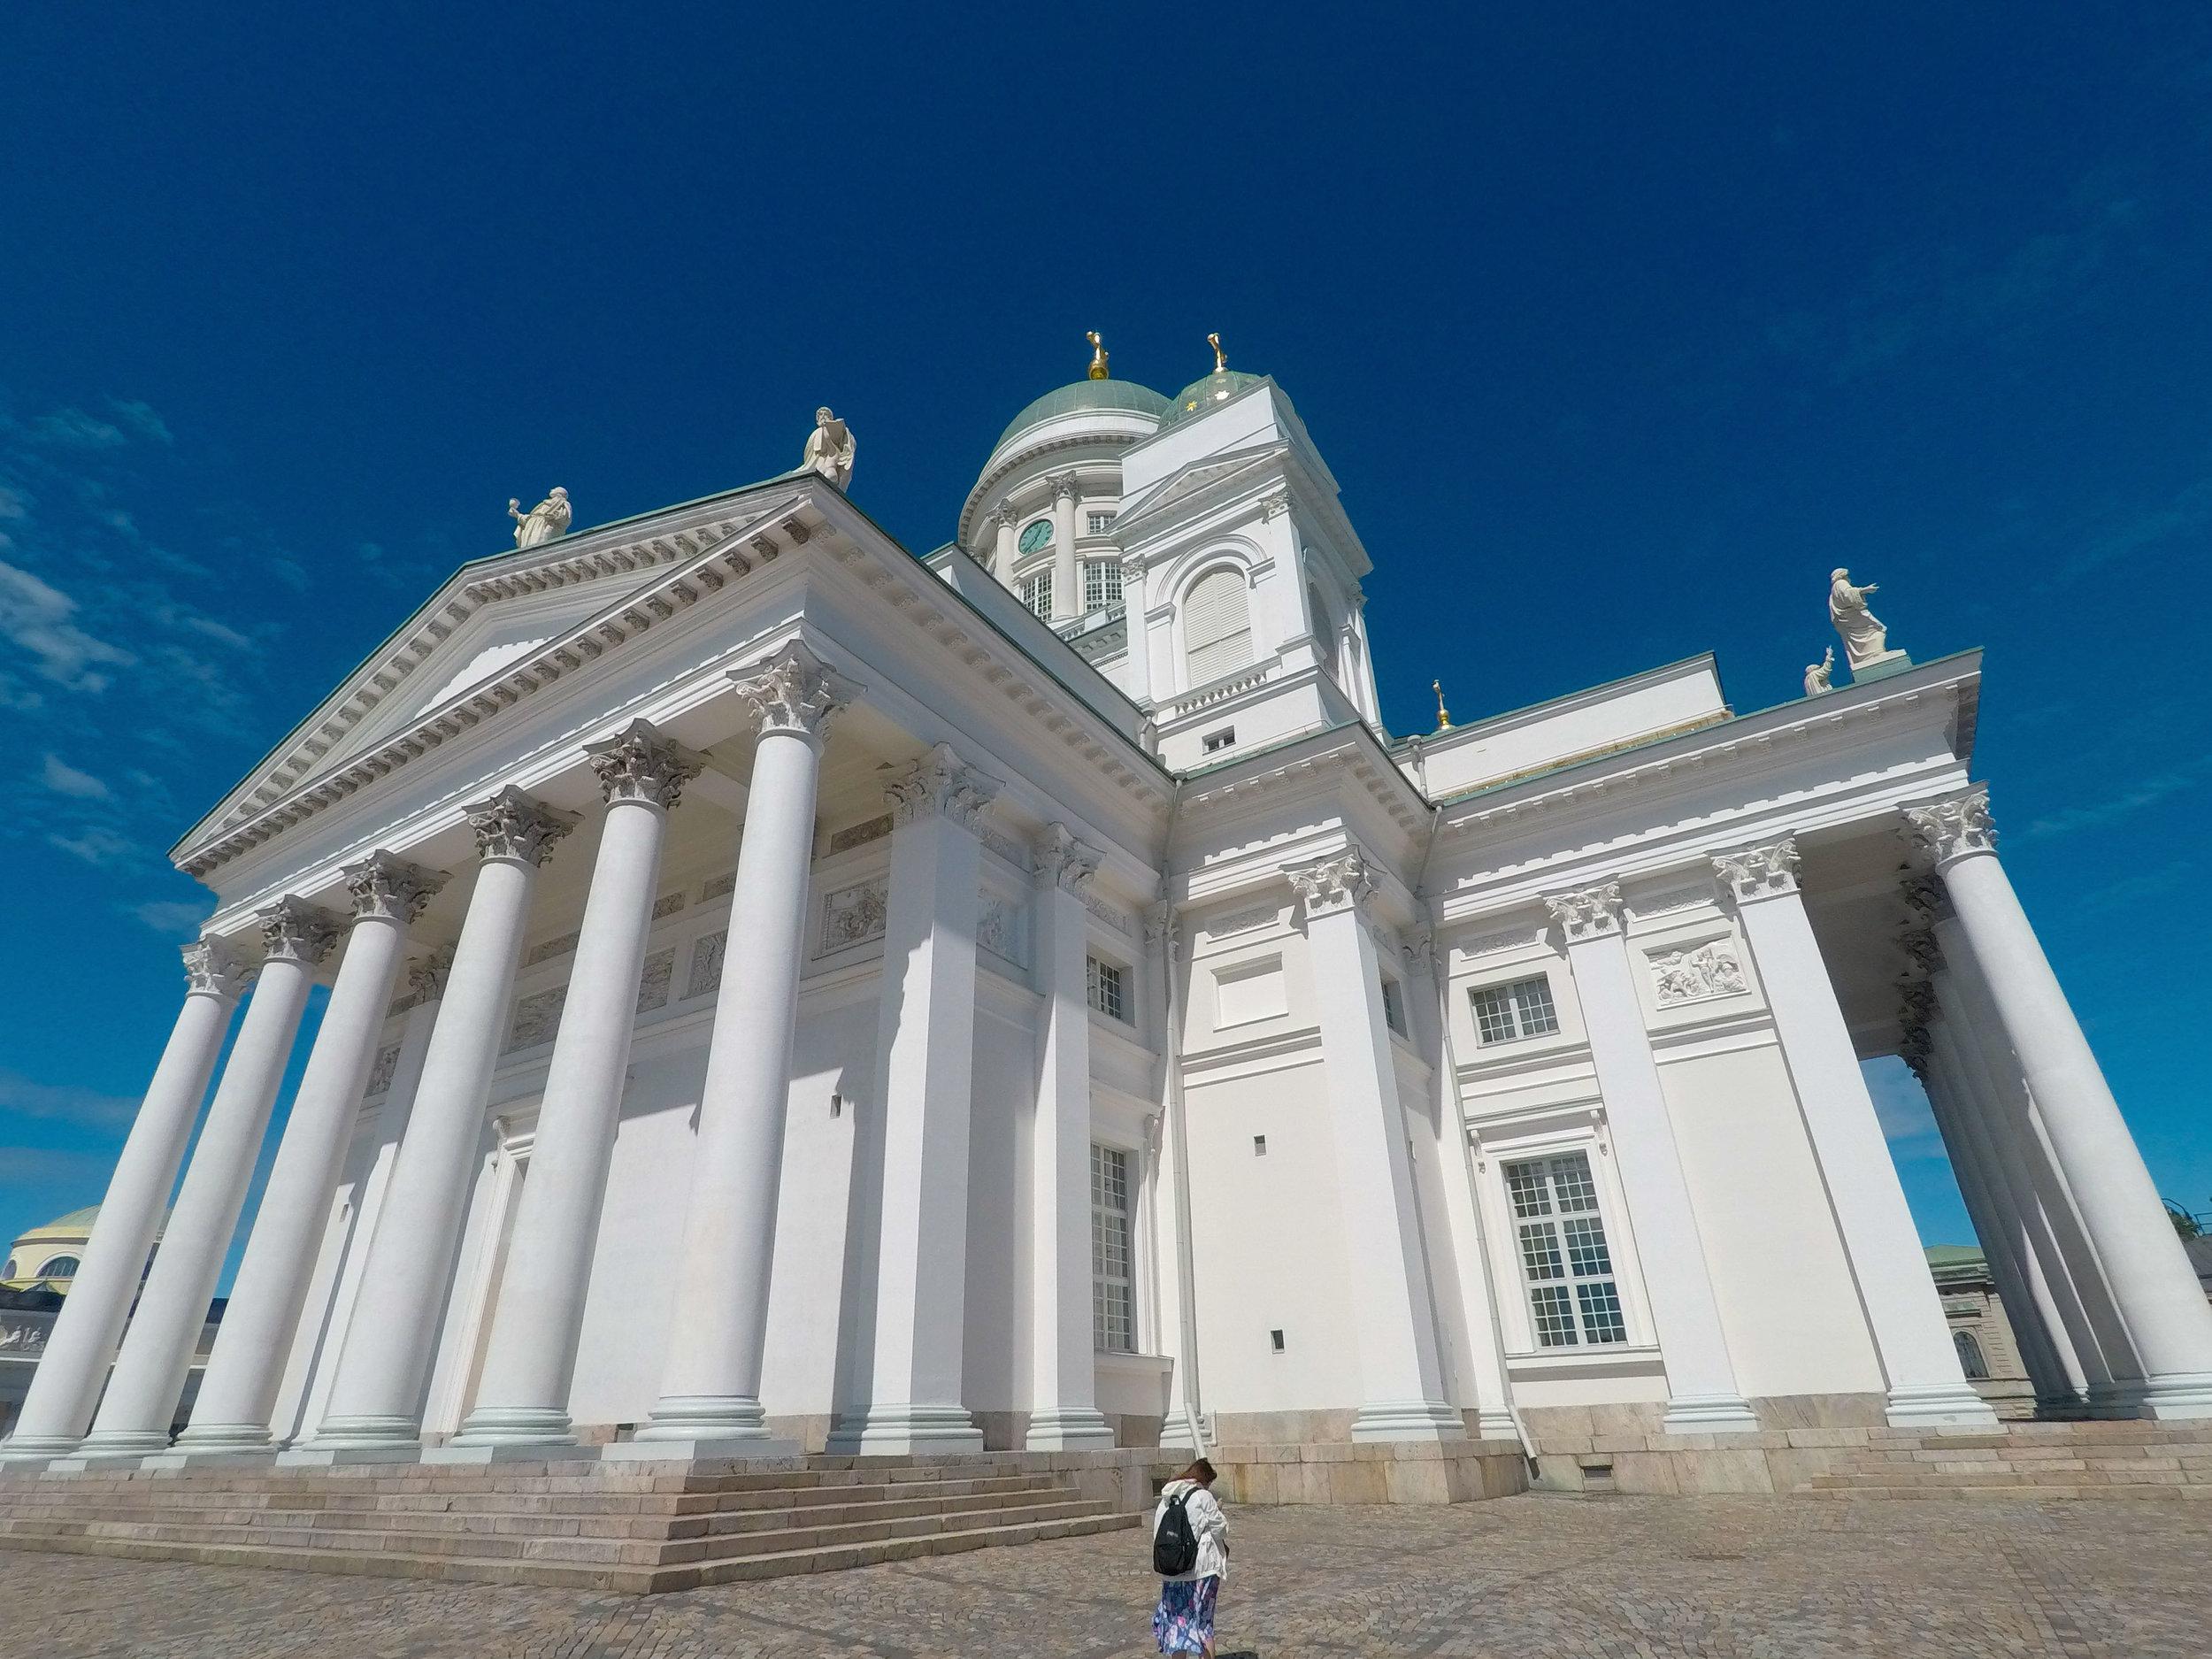 芬蘭的仲夏,藍天映襯出赫爾辛基大教堂的雪白無瑕。